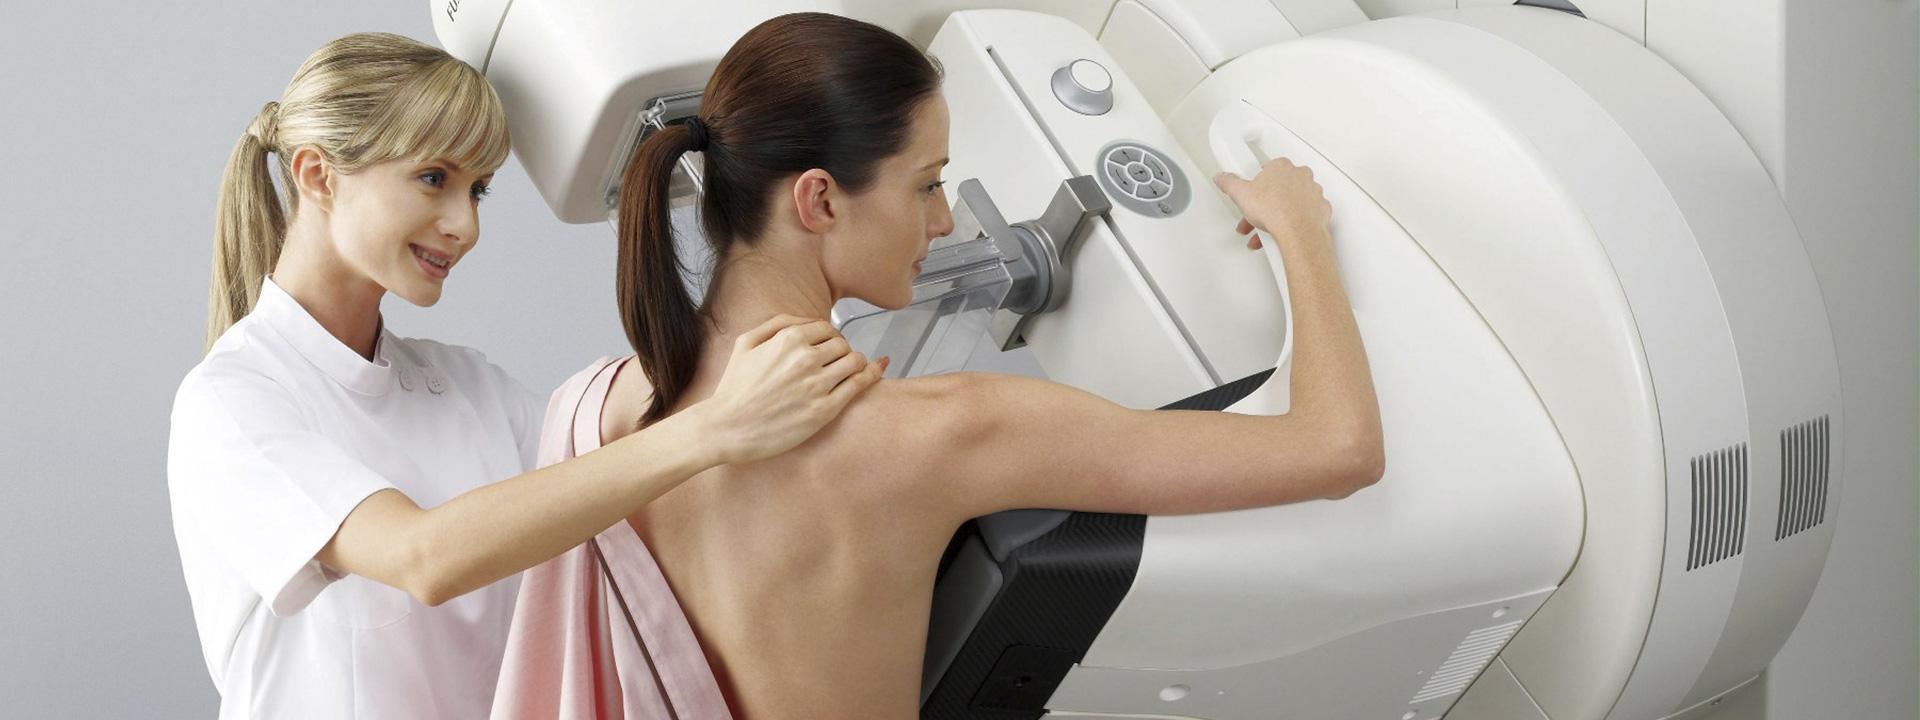 Programa Nacional de Qualidade em Mamografia